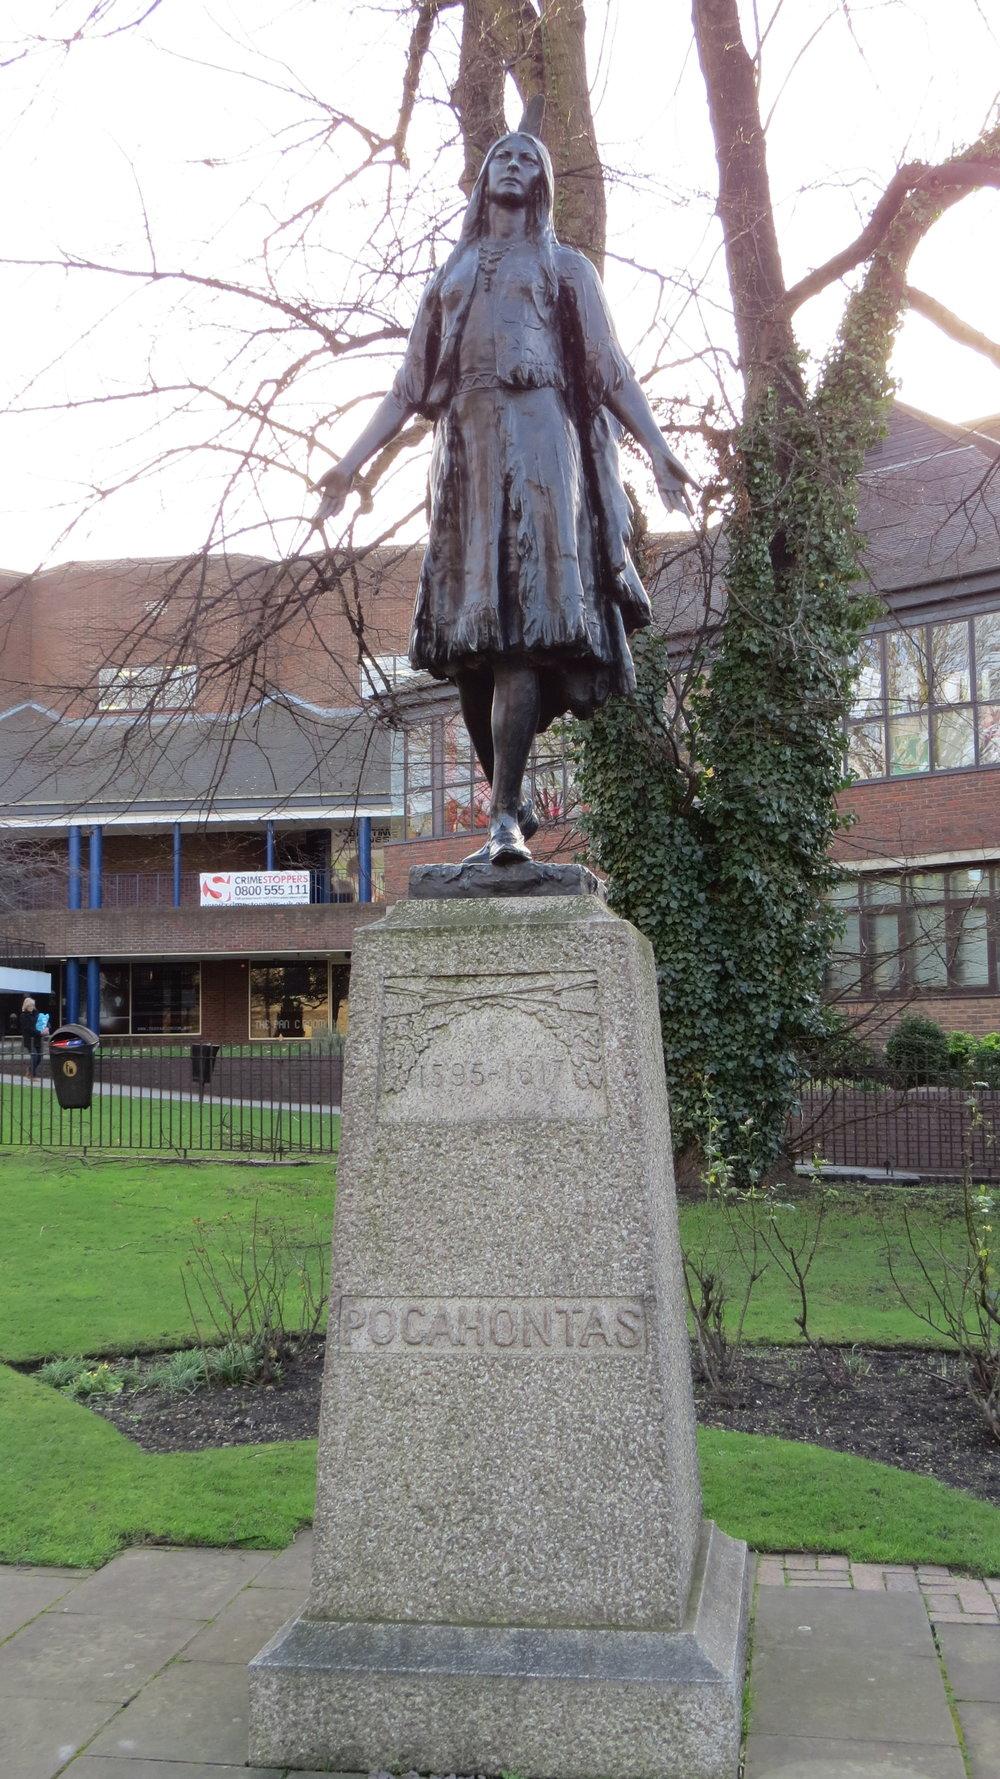 Pocahontus Statue